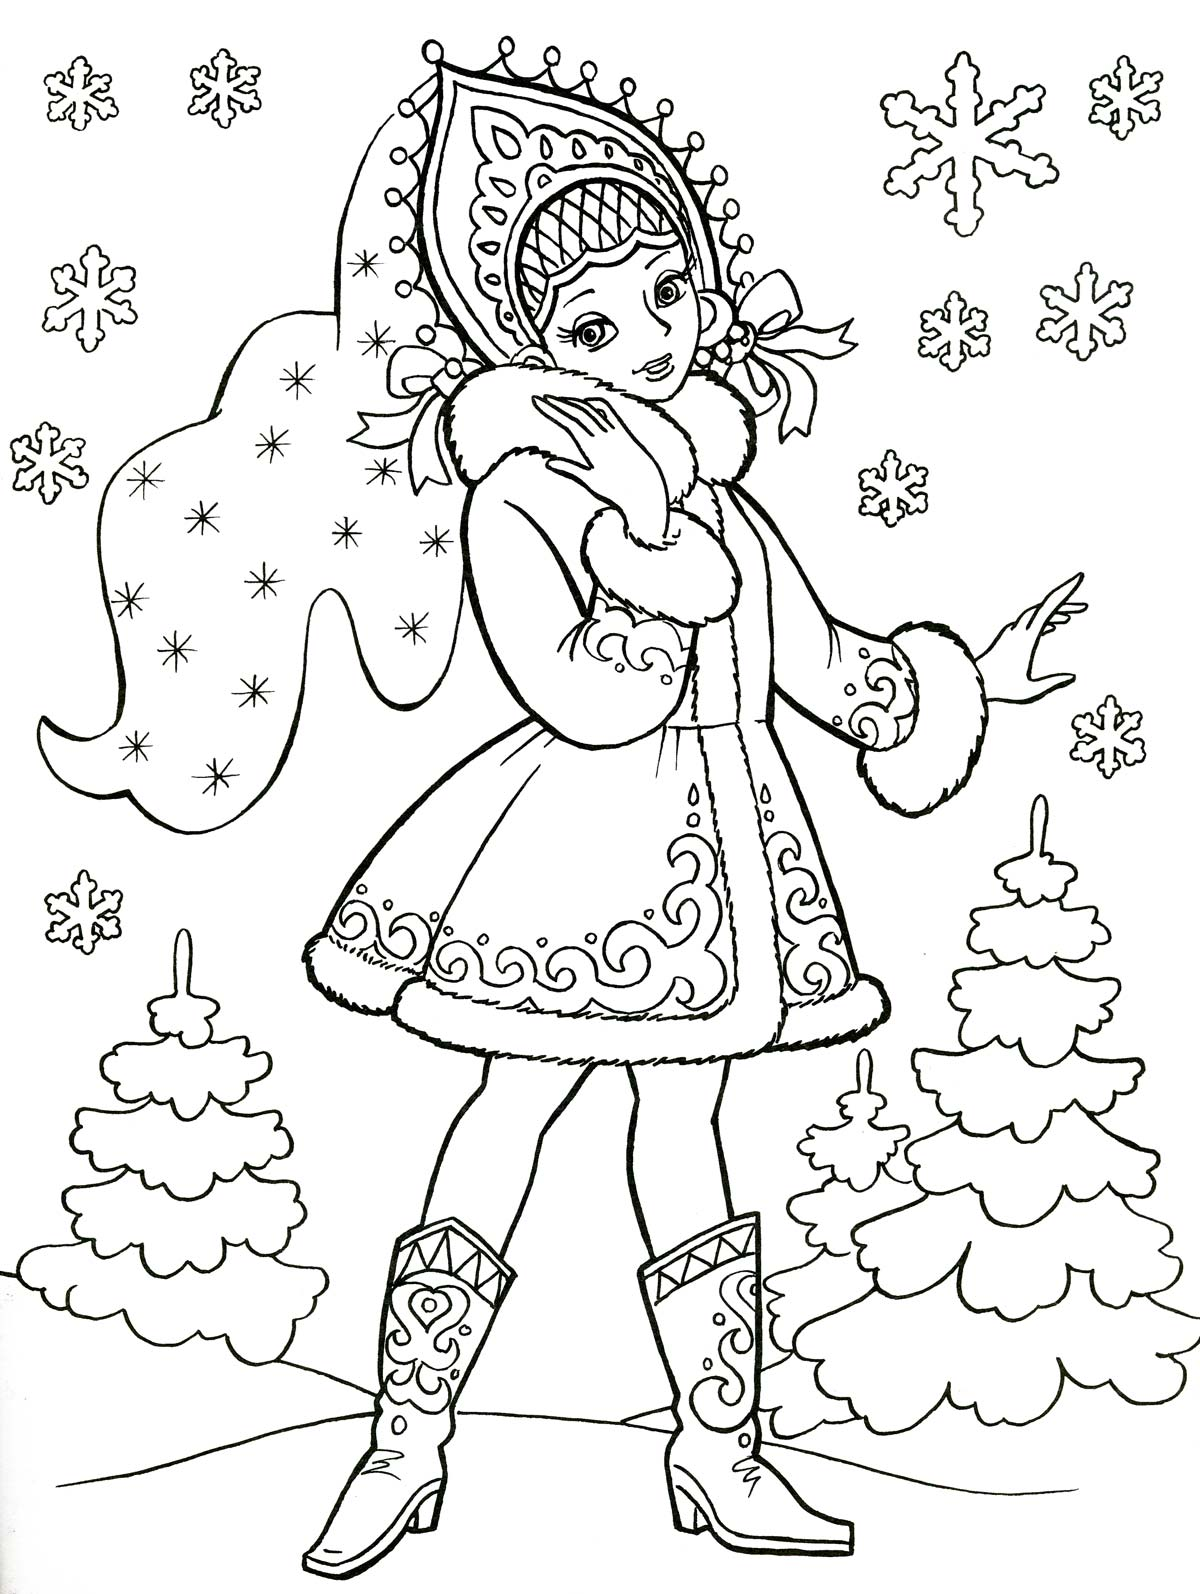 Новогодние раскраски для детей. Распечатать бесплатно